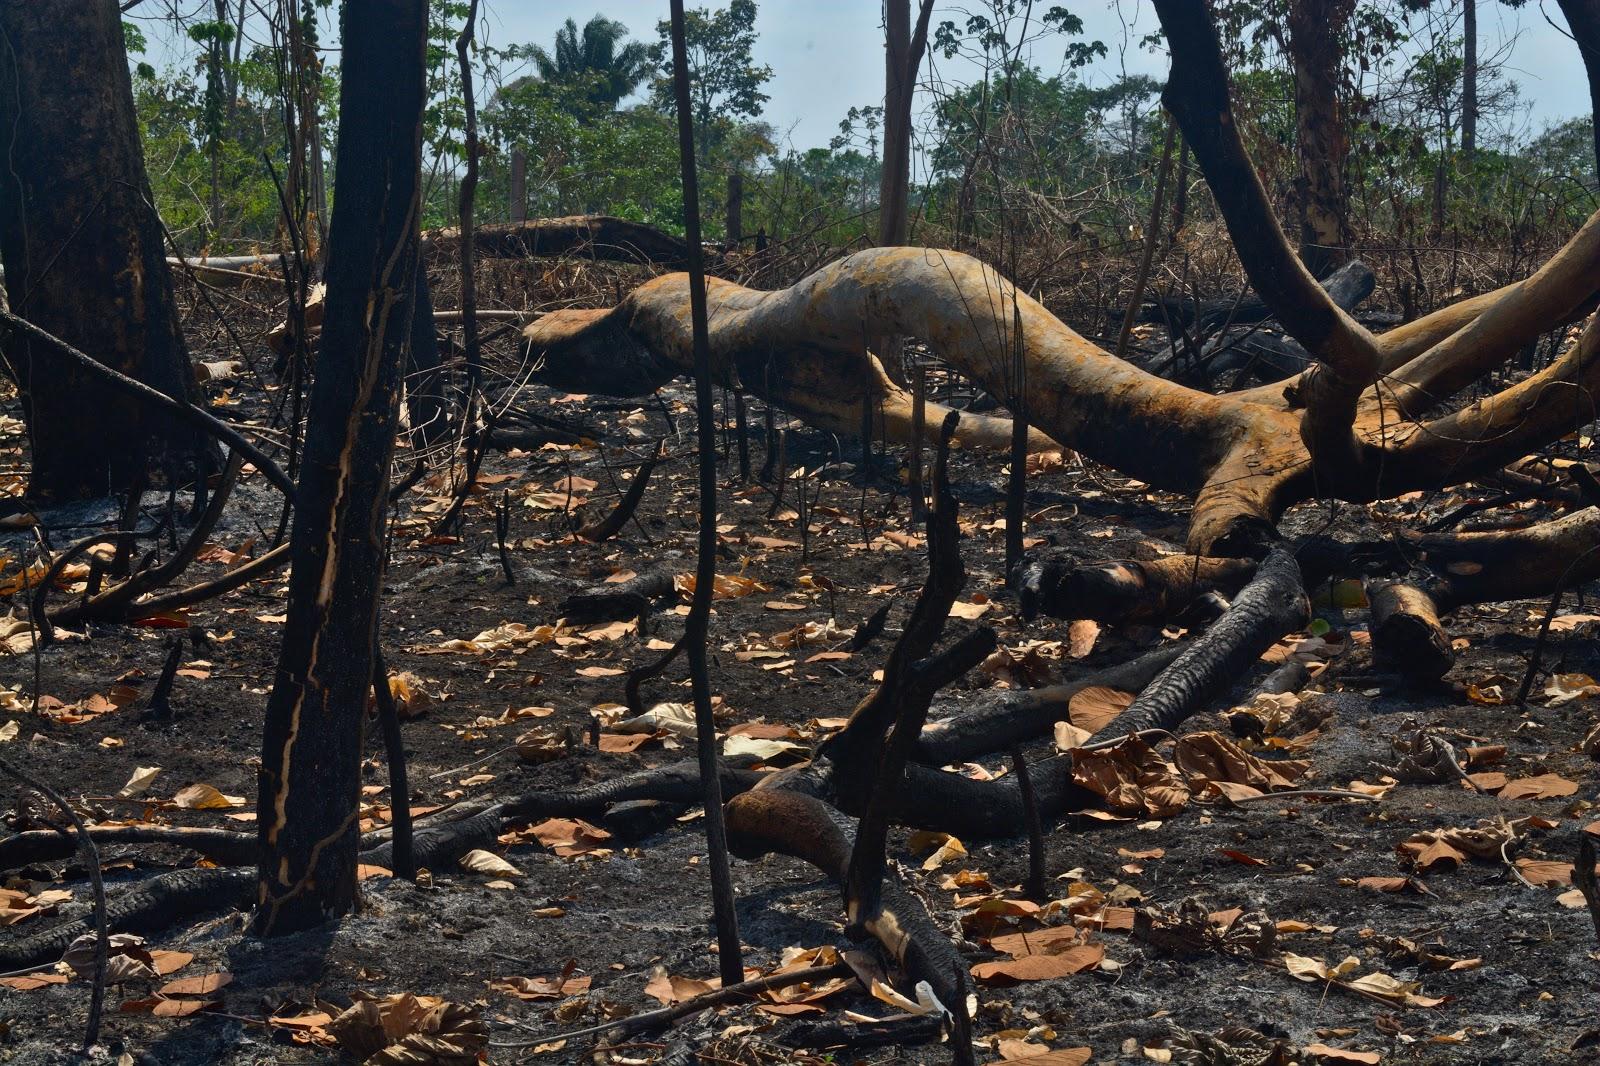 La lógica del ganar-ganar por detrás de los incendios en la Amazonia